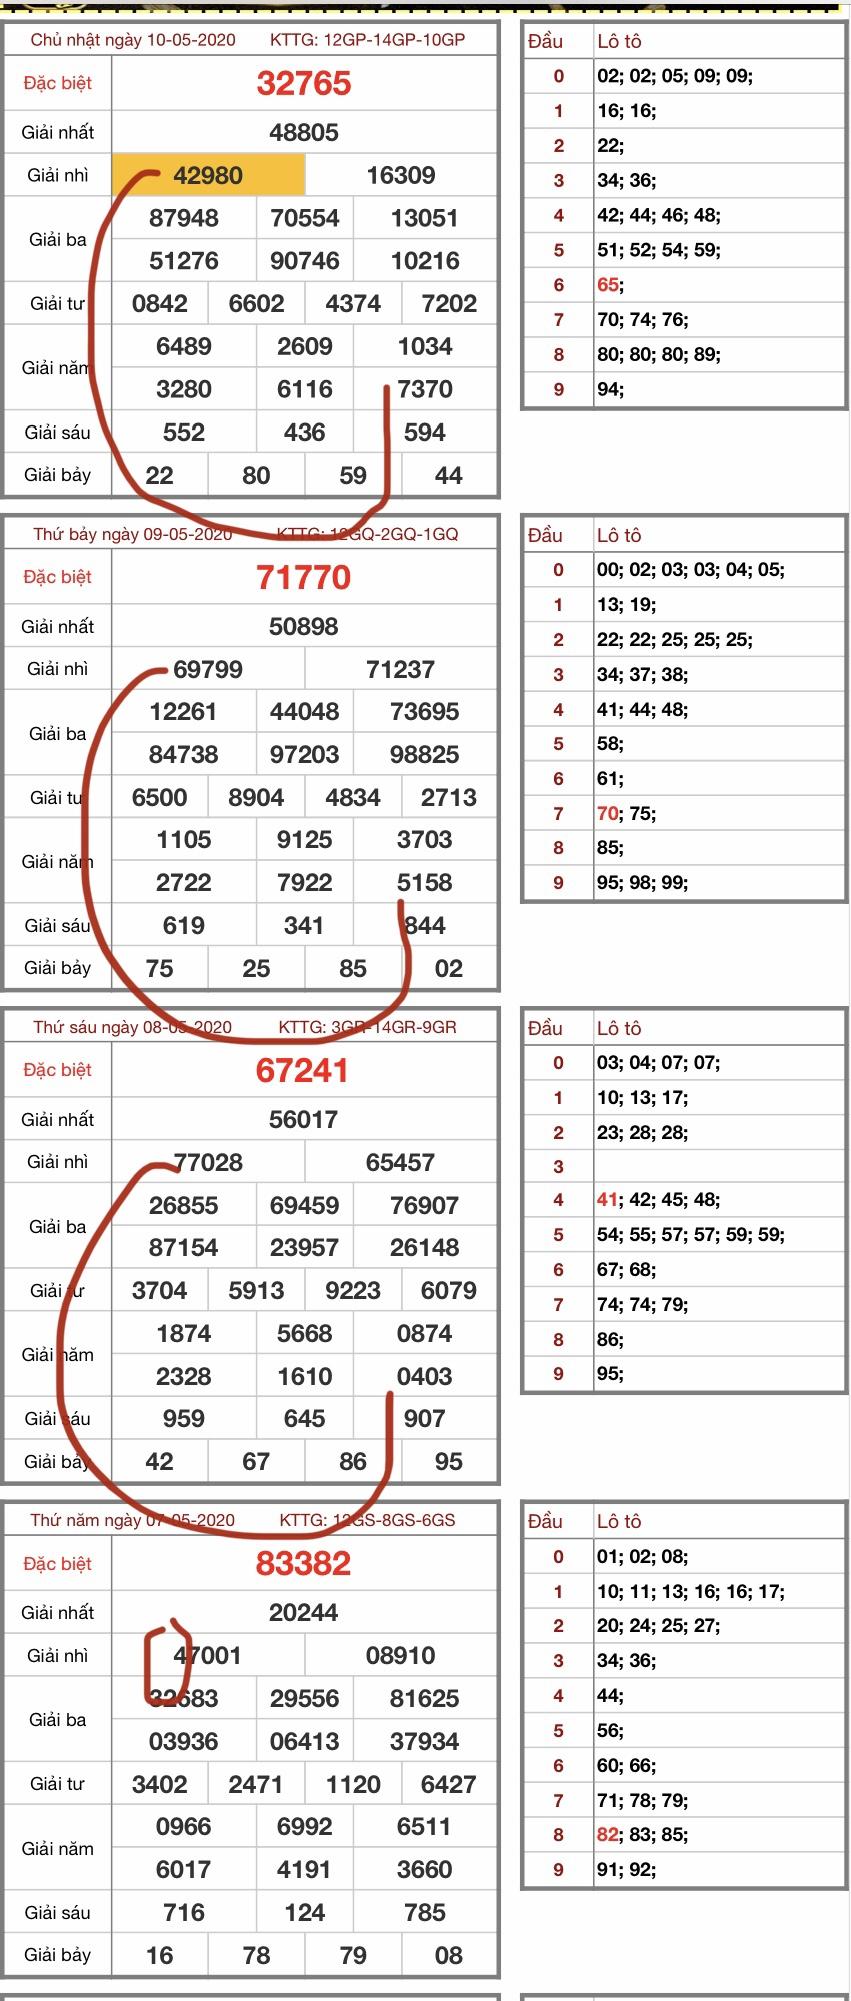 C98D15A7-434B-49C1-AF4C-AE1815289065.jpeg